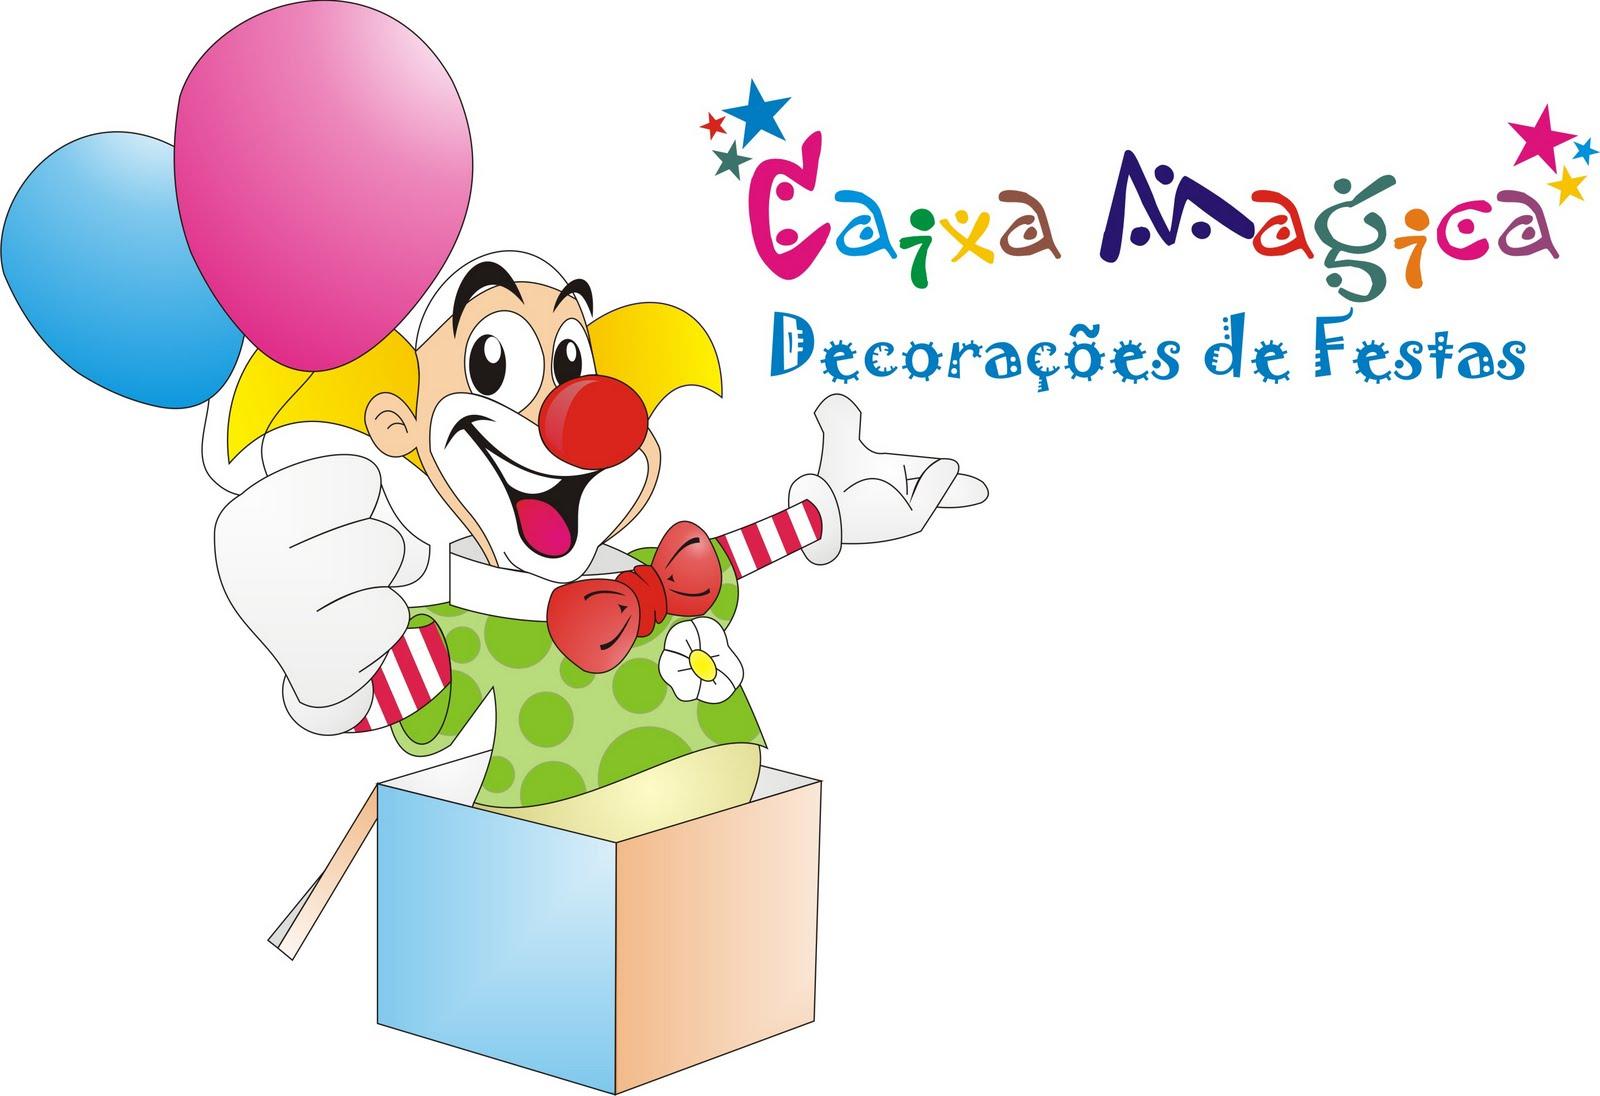 Caixa Mágica Decorações de Festas